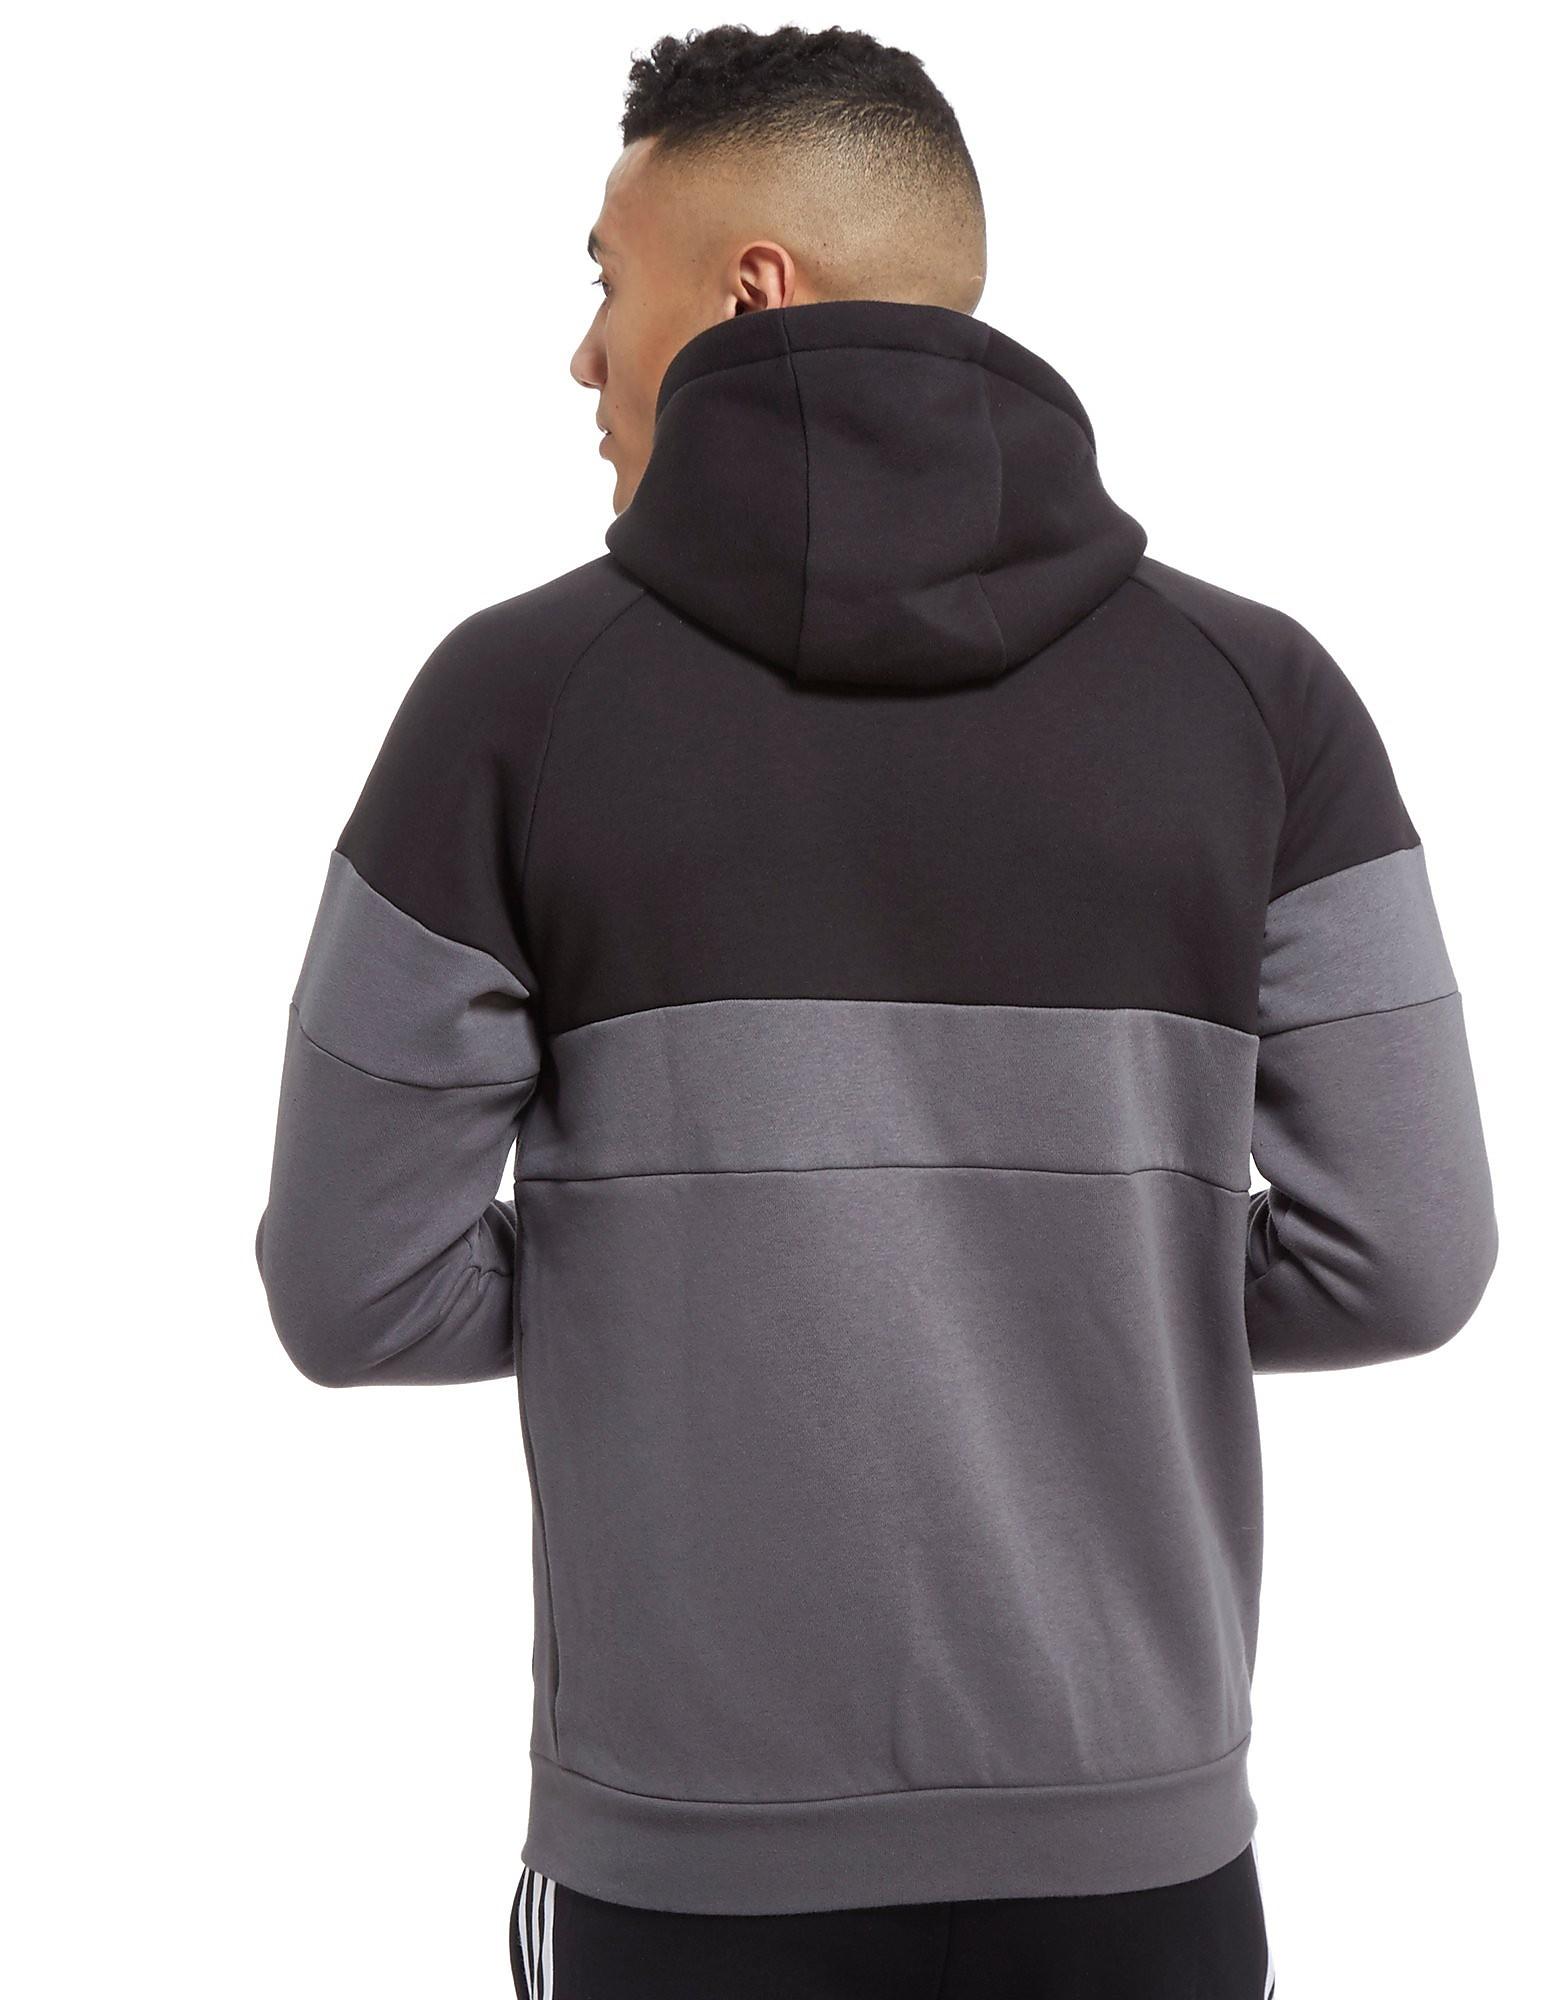 adidas Originals NMD Full Zip Felpa con Cappuccio